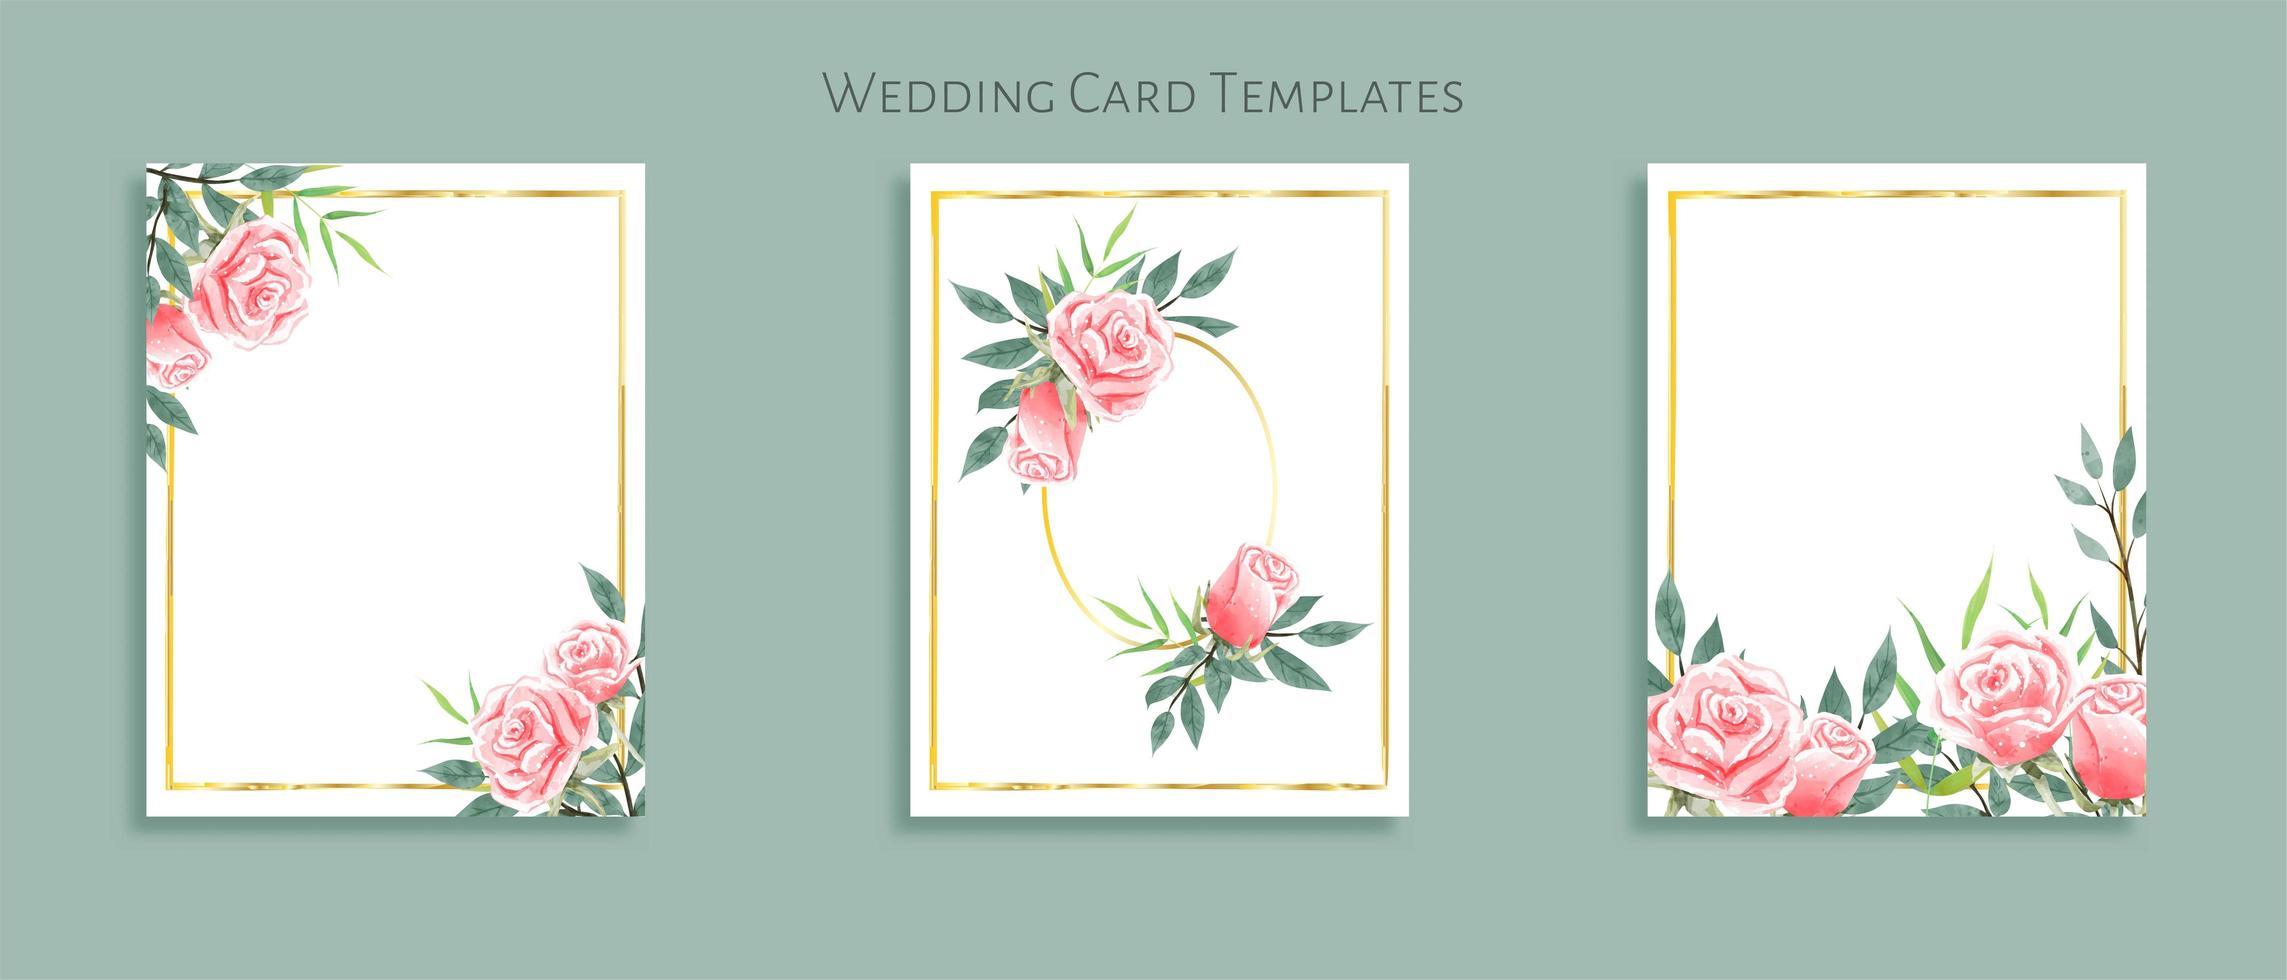 Vacker uppsättning bröllop kortmallar. Dekorerad med rosbuketter. vektor